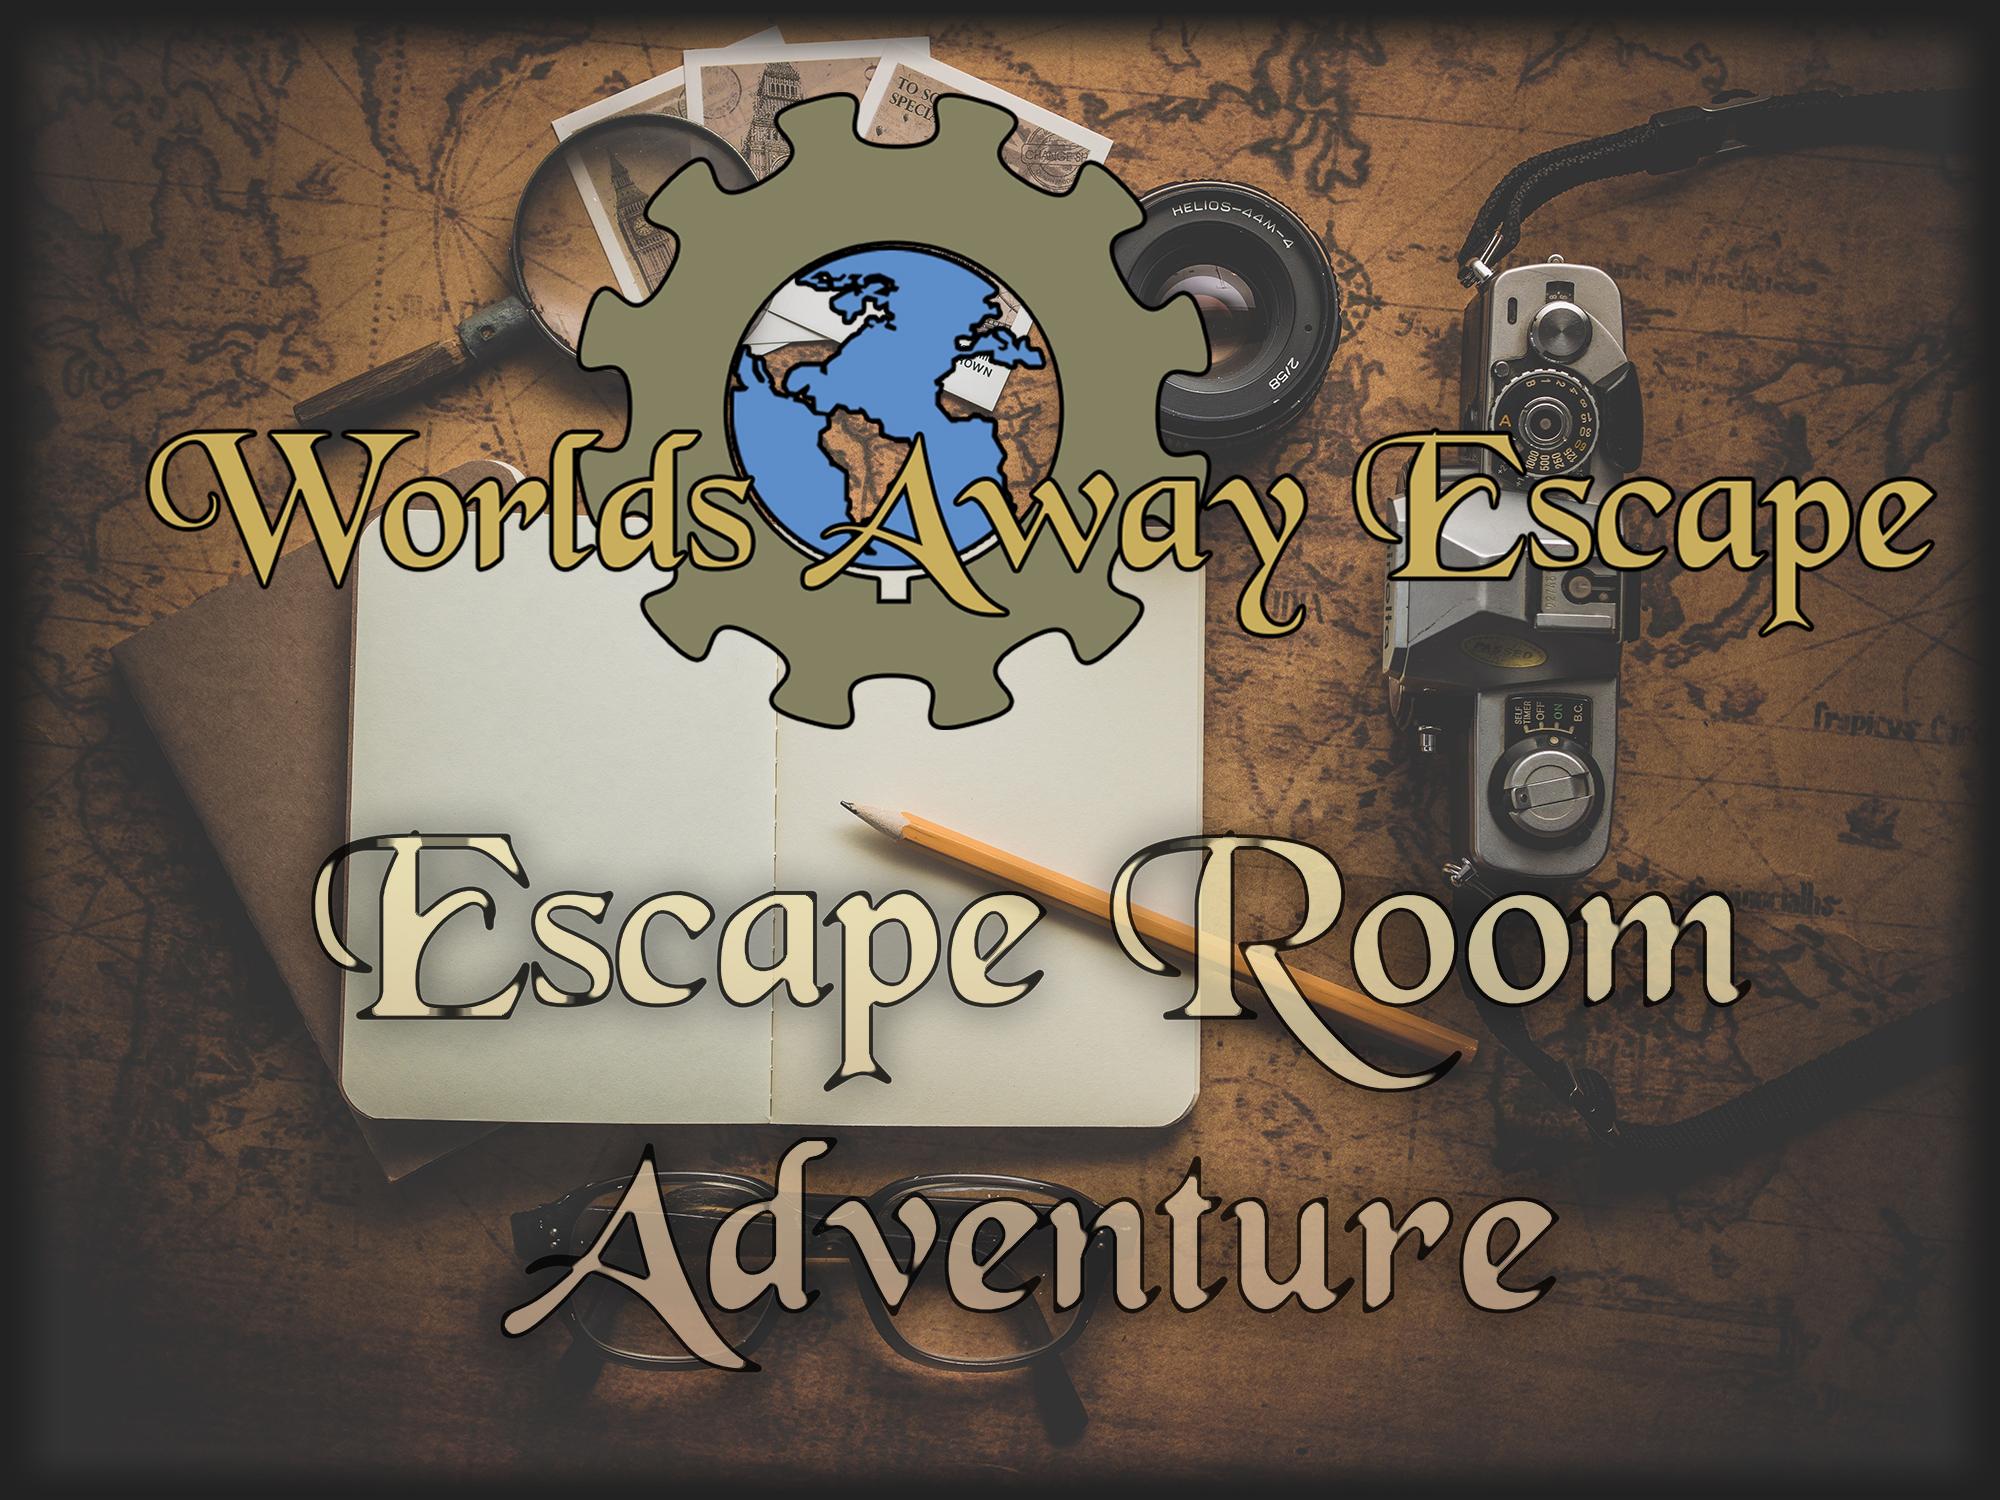 Worlds Away Escape Winchester Va Escape Room Adventure